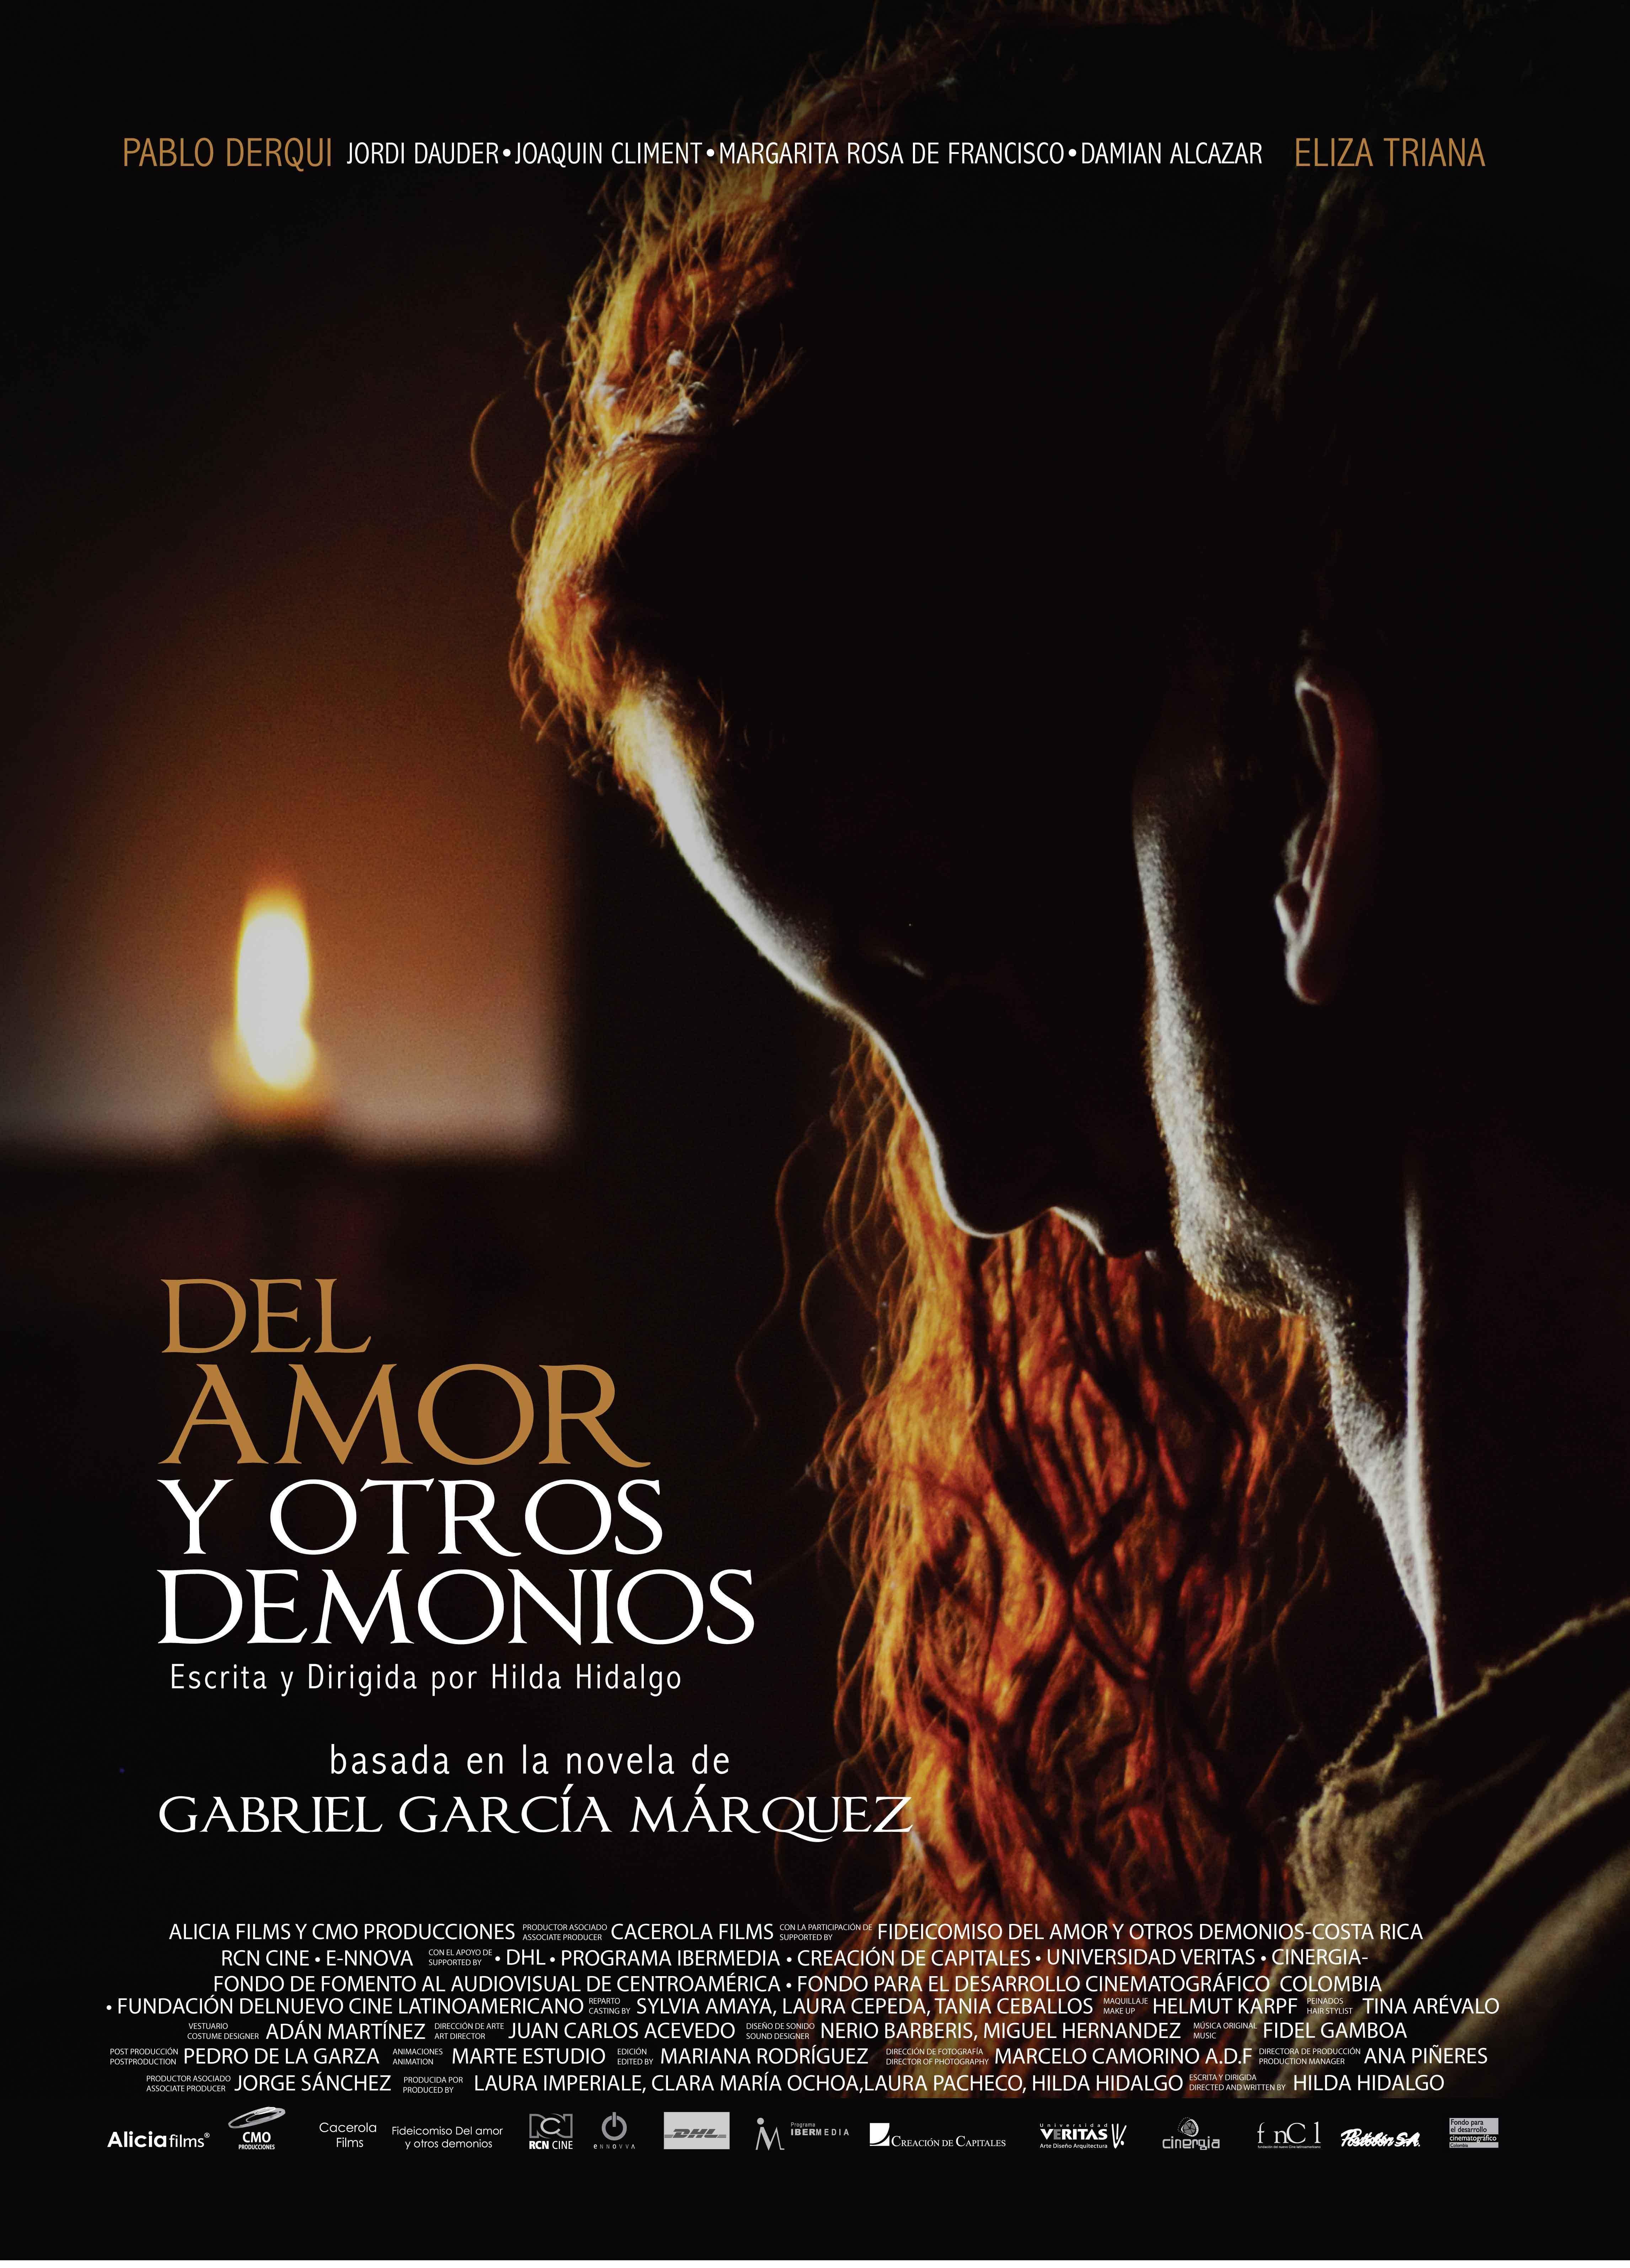 Del amor y otros demonios kapak